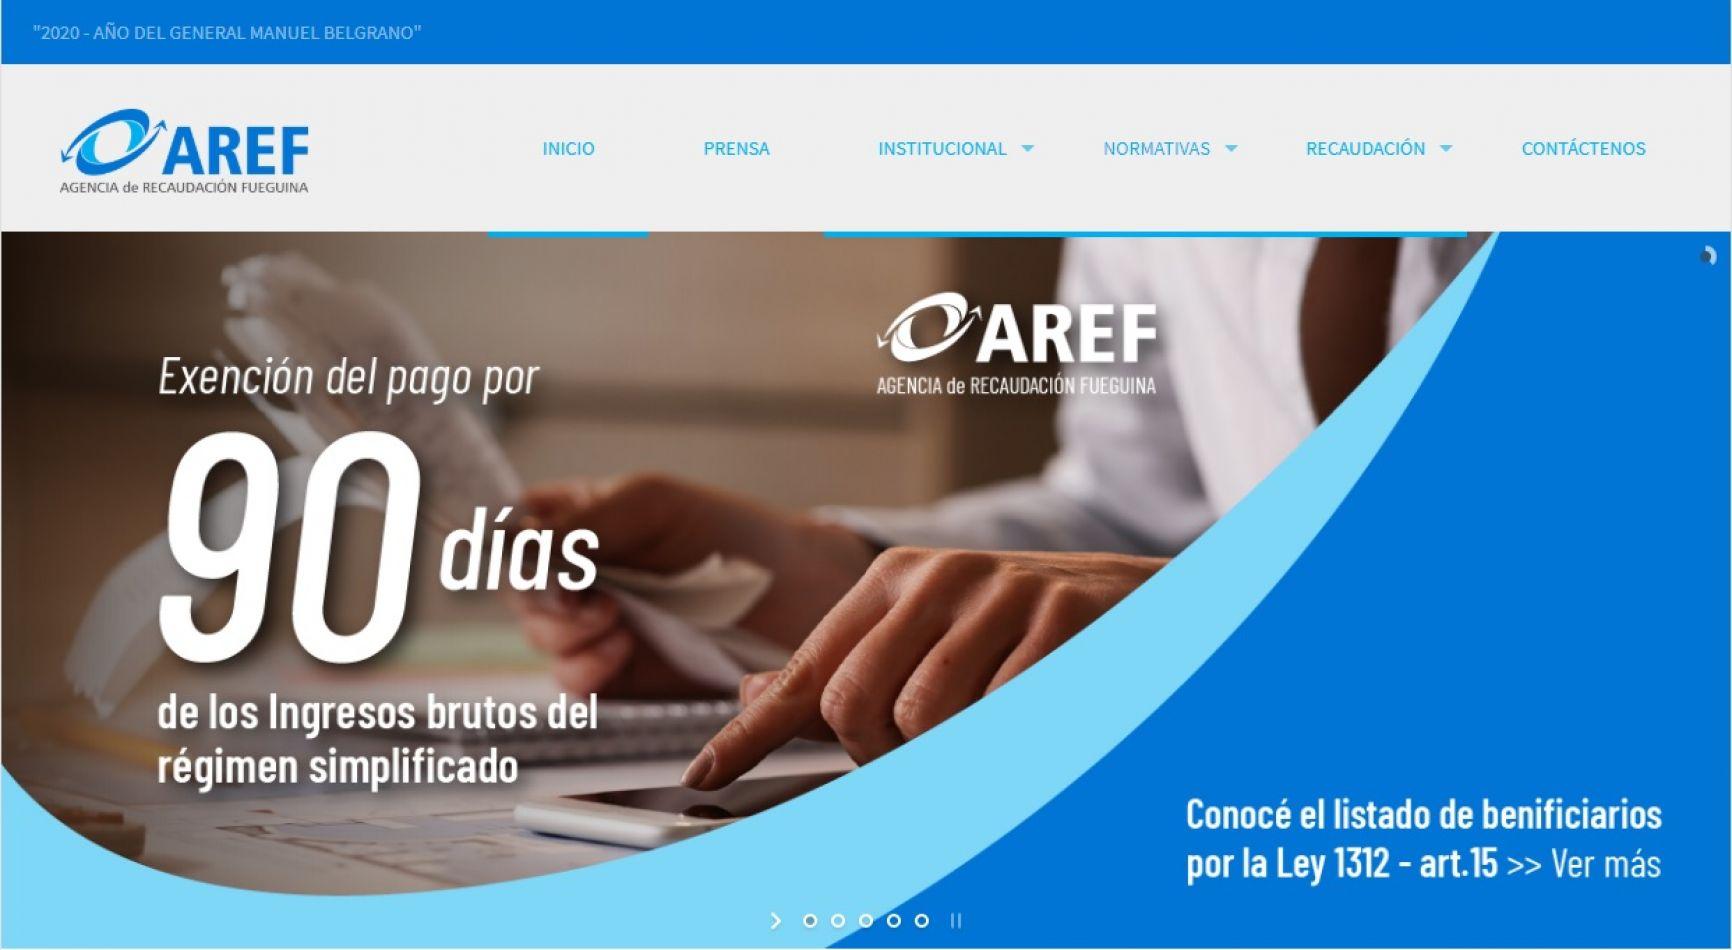 AREF otorgó la exención del pago del impuesto sobre ingresos brutos